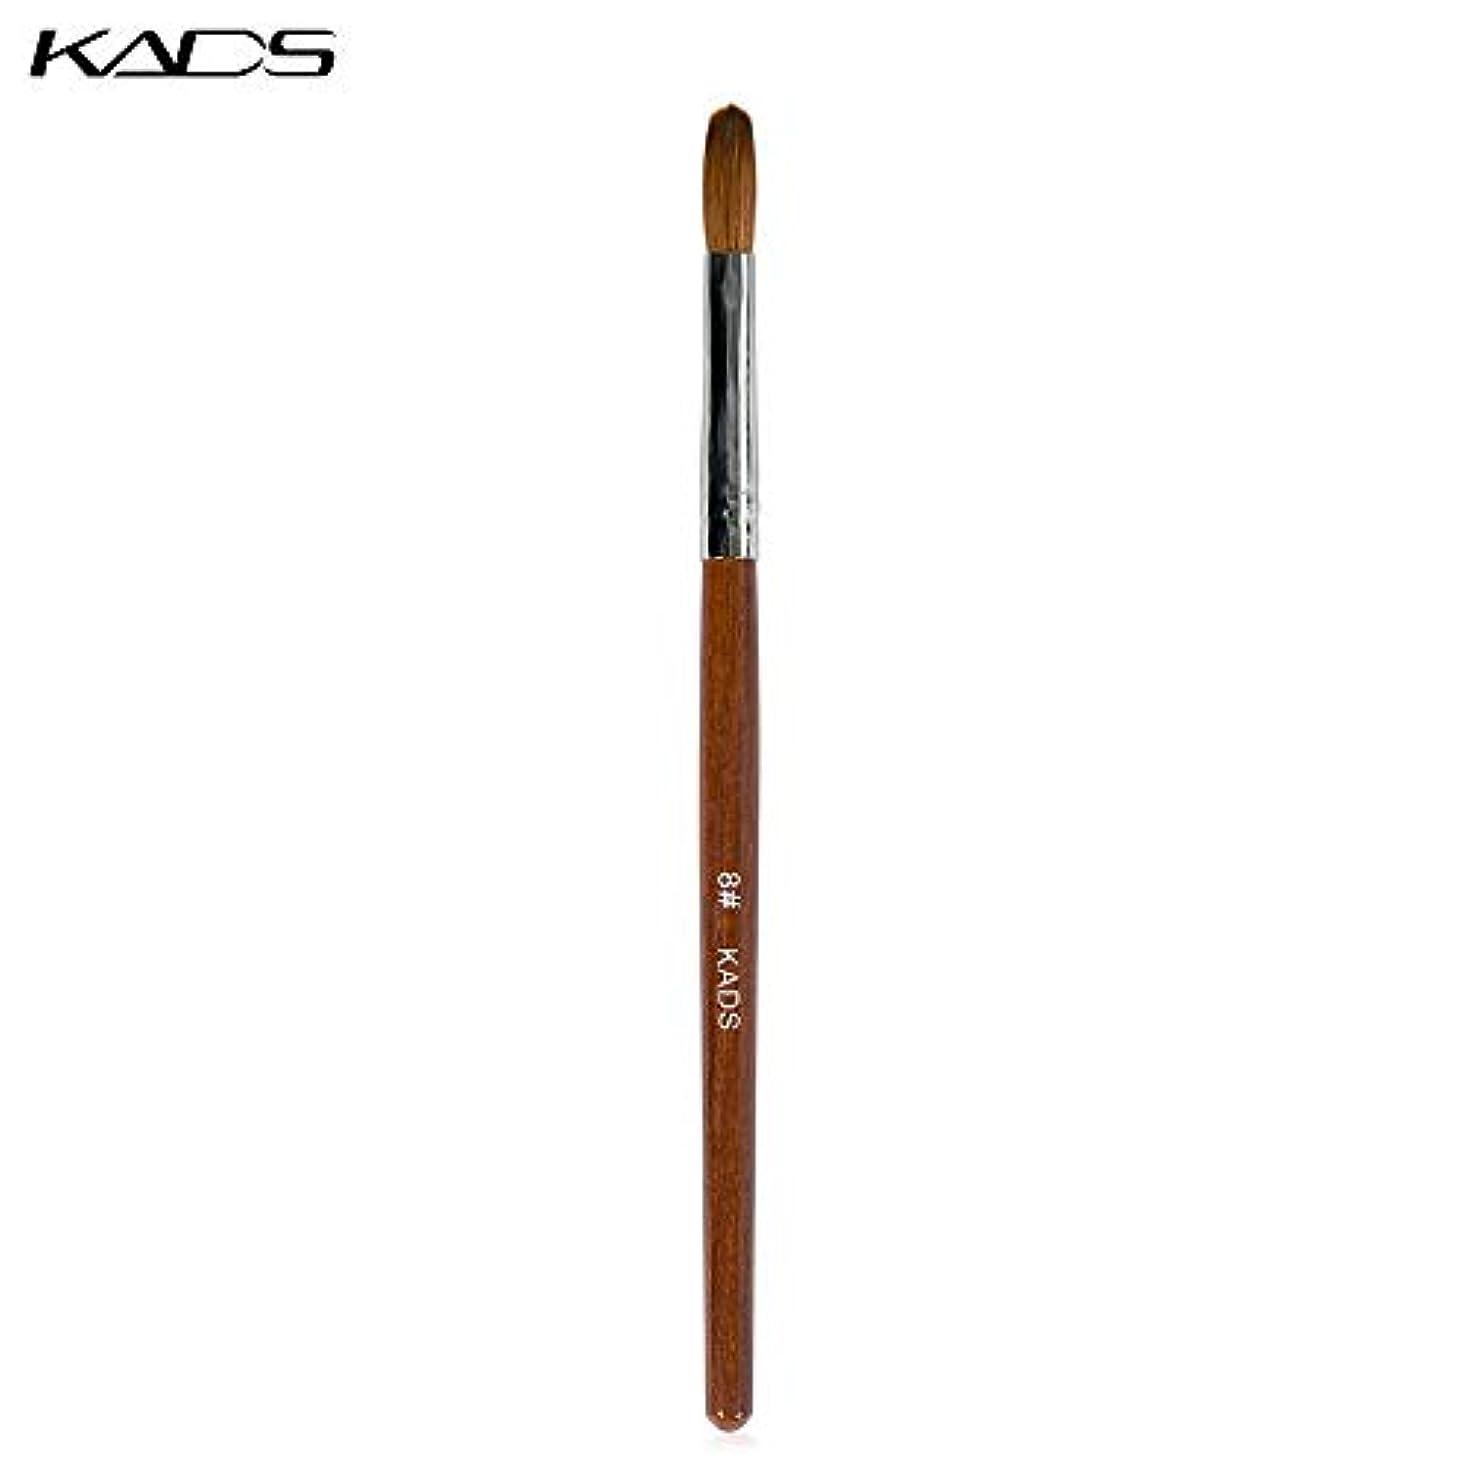 モチーフ心配剃るKADS ジェルネイルブラシ 8# ラウンド筆先 高品質コリンスキー製 スカルプネイルブラシ ネイルアート専用ブラシ (8#)